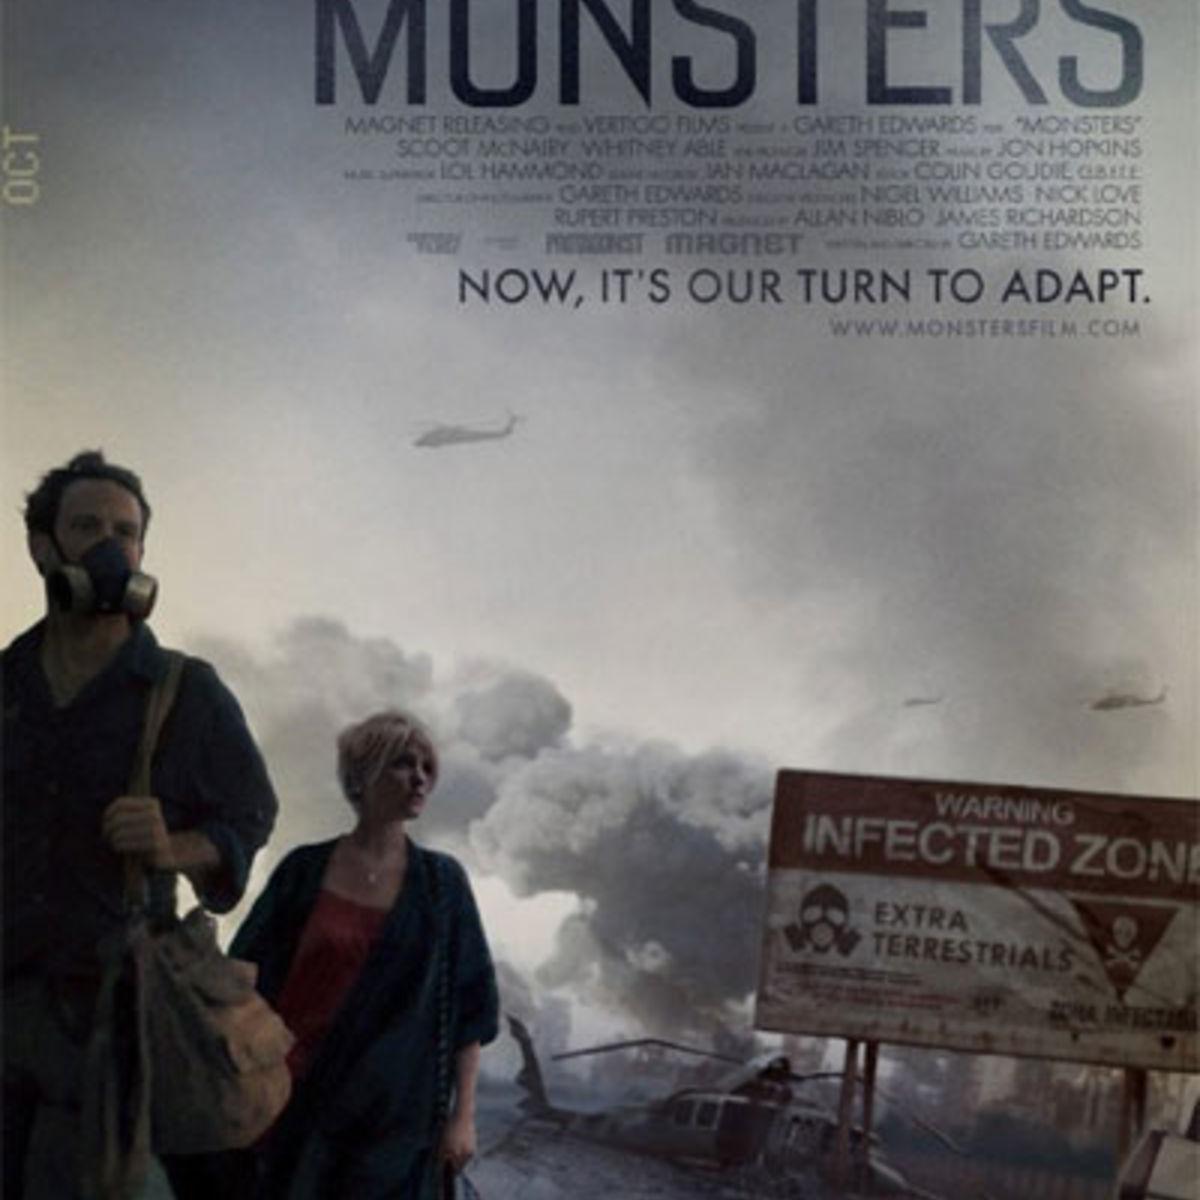 monsters-poster.jpg